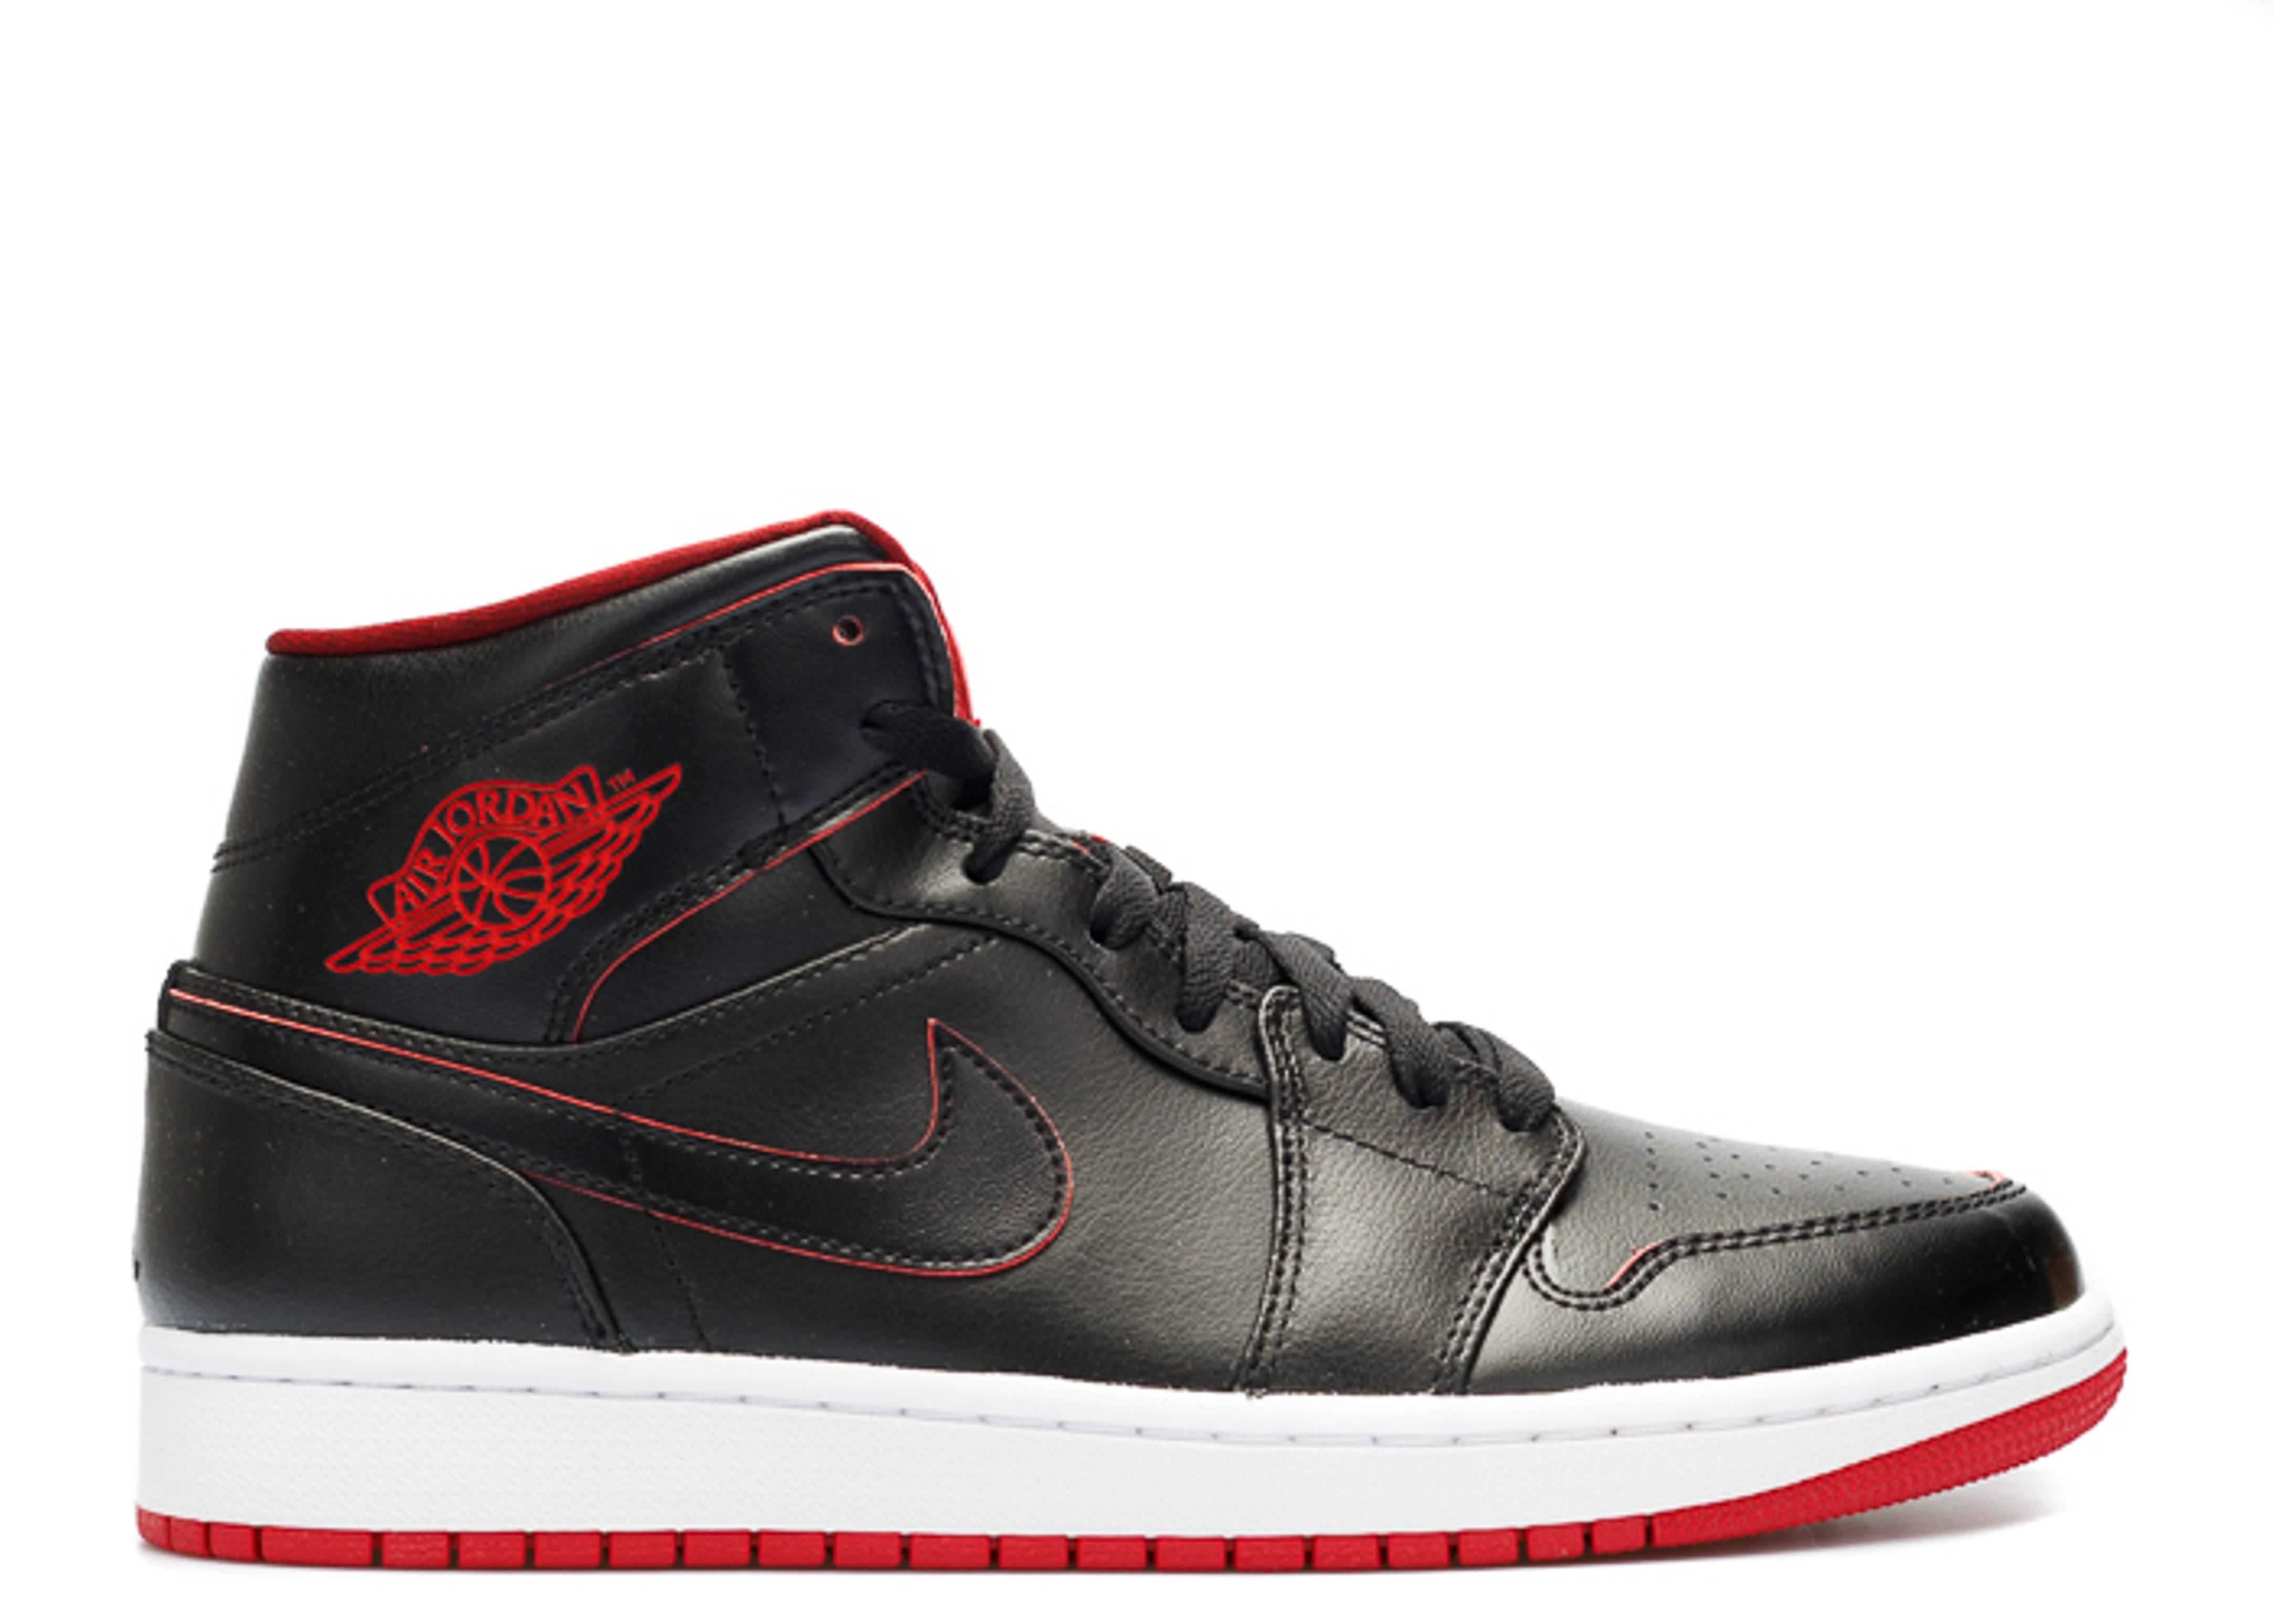 jordan 1 red and black